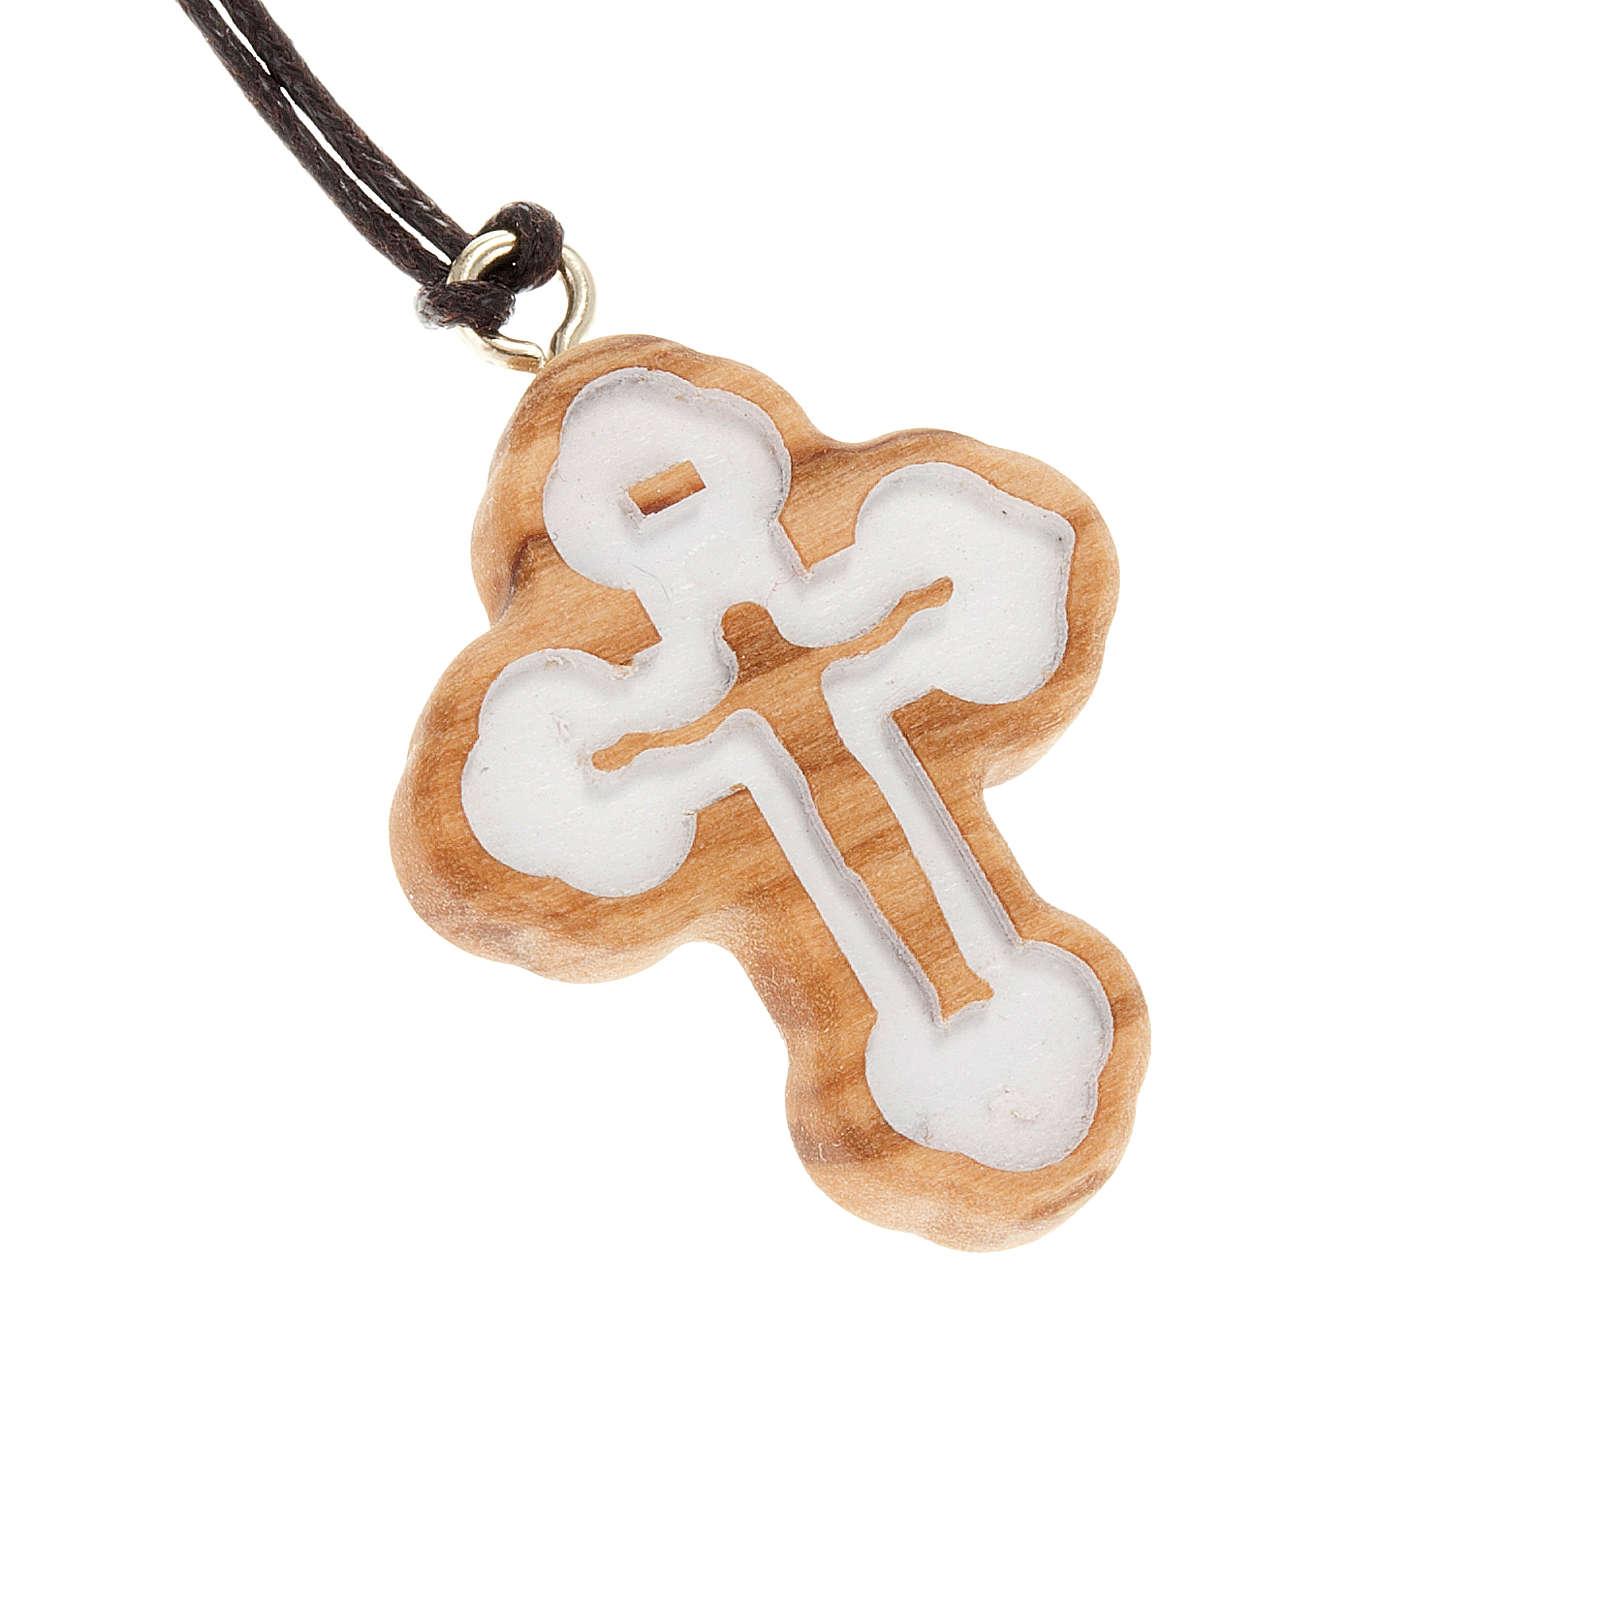 Trefoil cross pendant - white 4